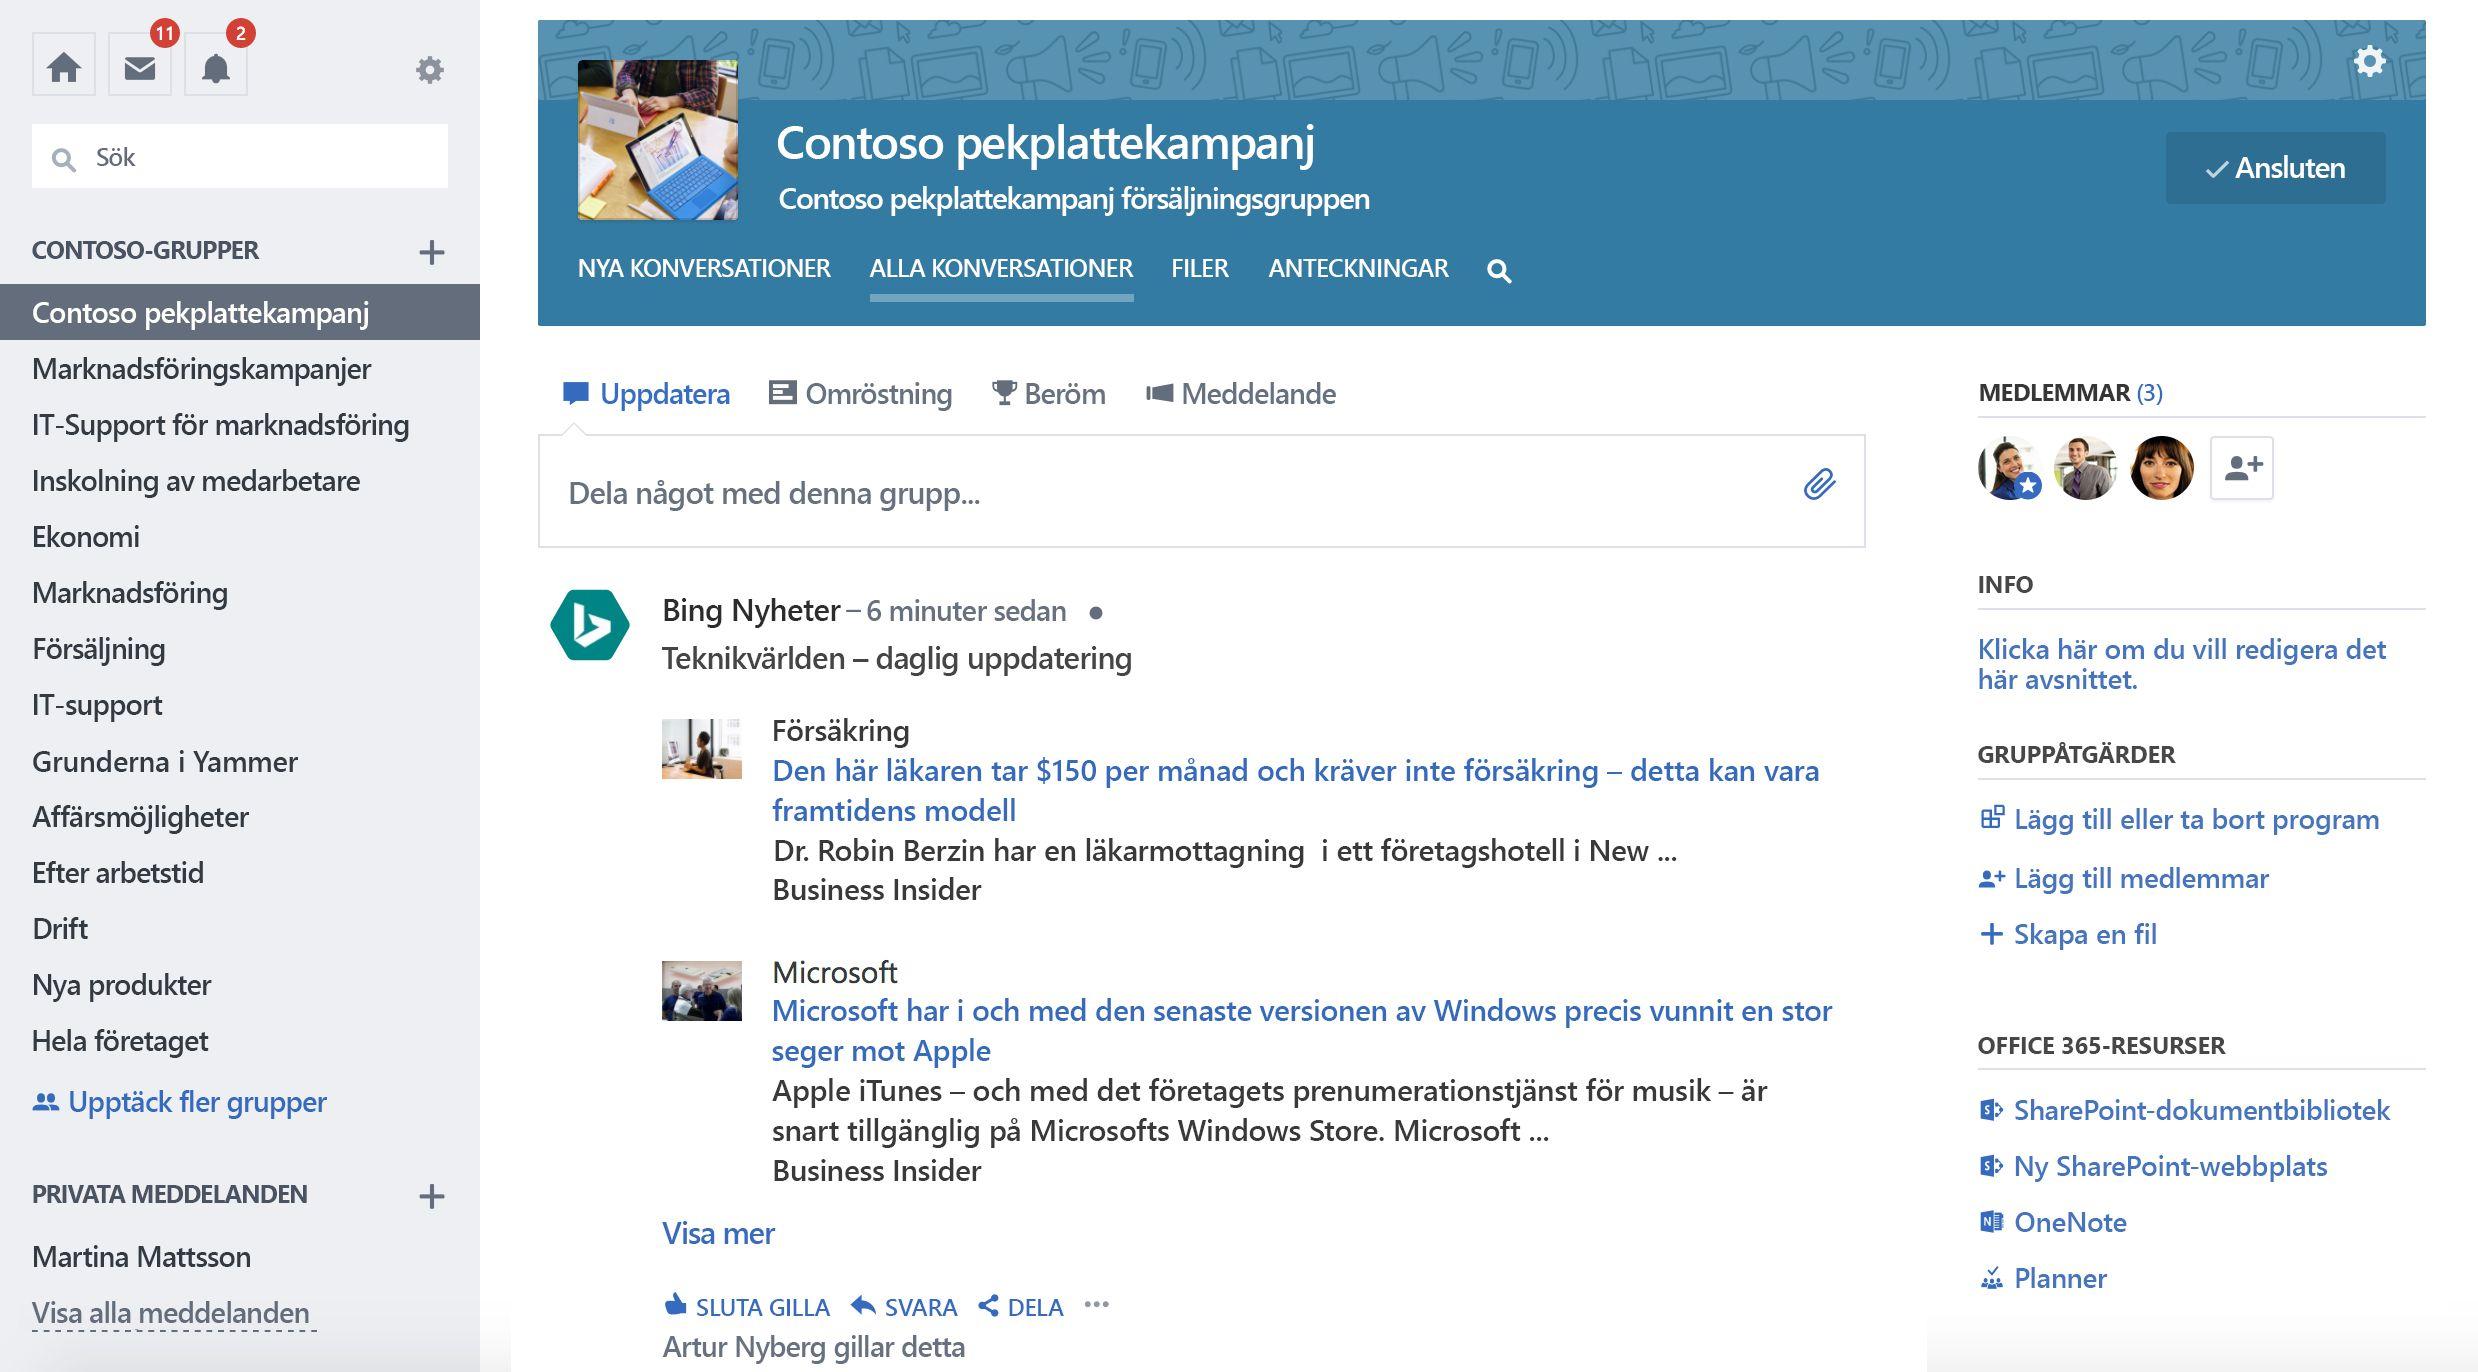 Skärm bild av gruppens uppdatering från tjänsten från tredje part